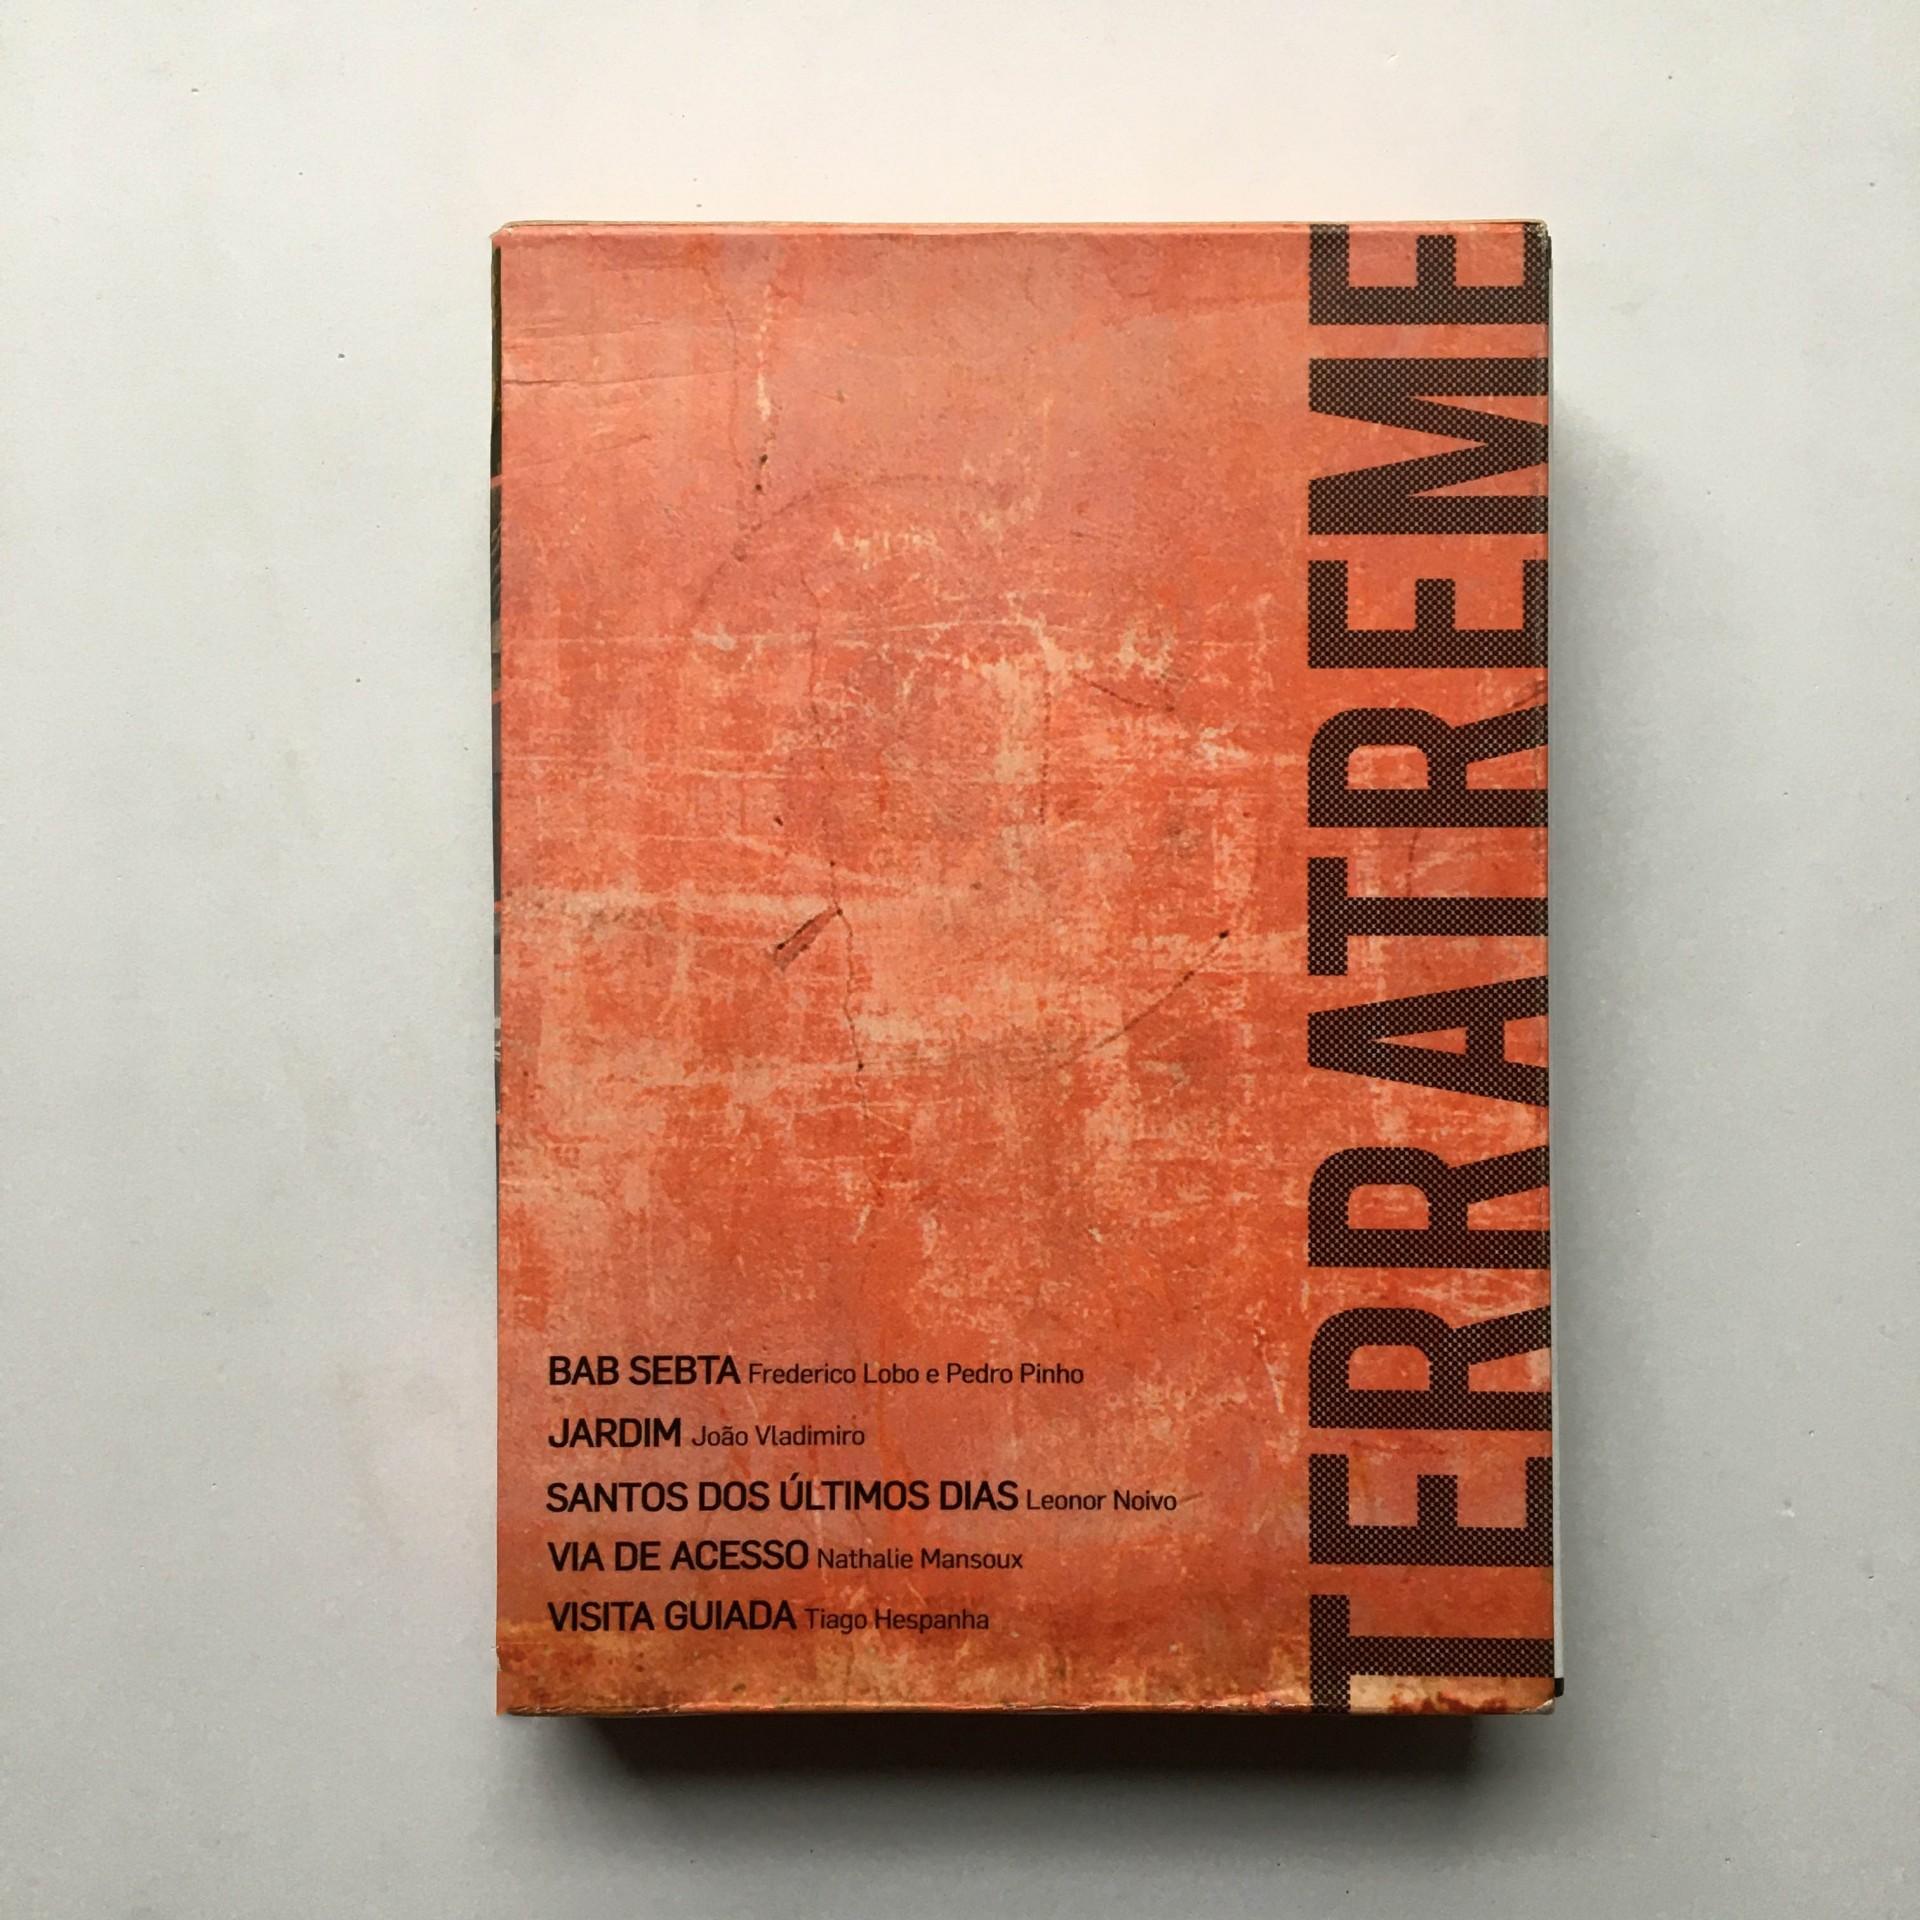 Terratreme: 5 curtas-metragens I